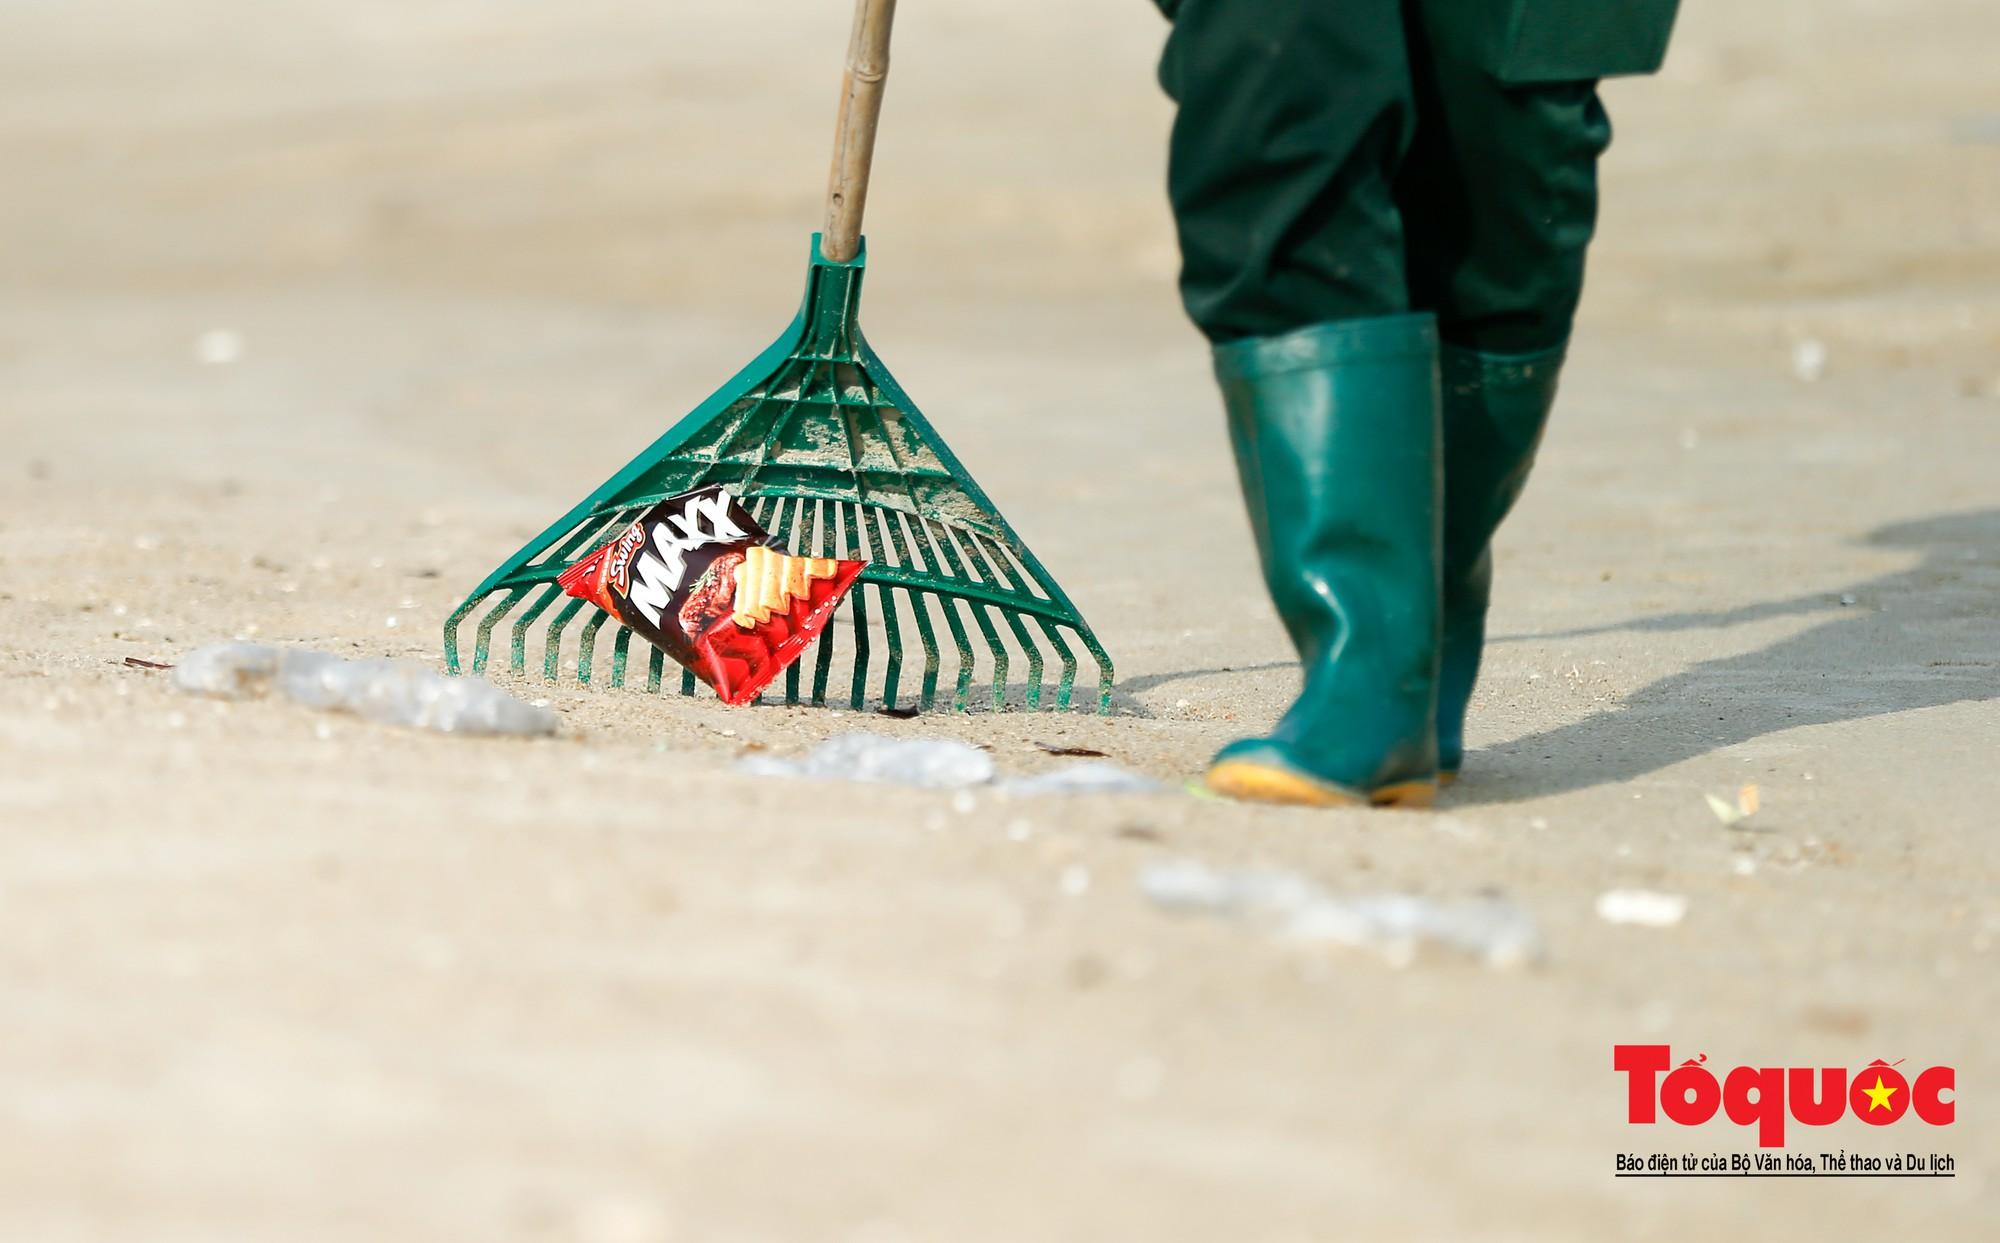 Những người phụ nữ đội lửa dọn rác trên biển Hà Long13